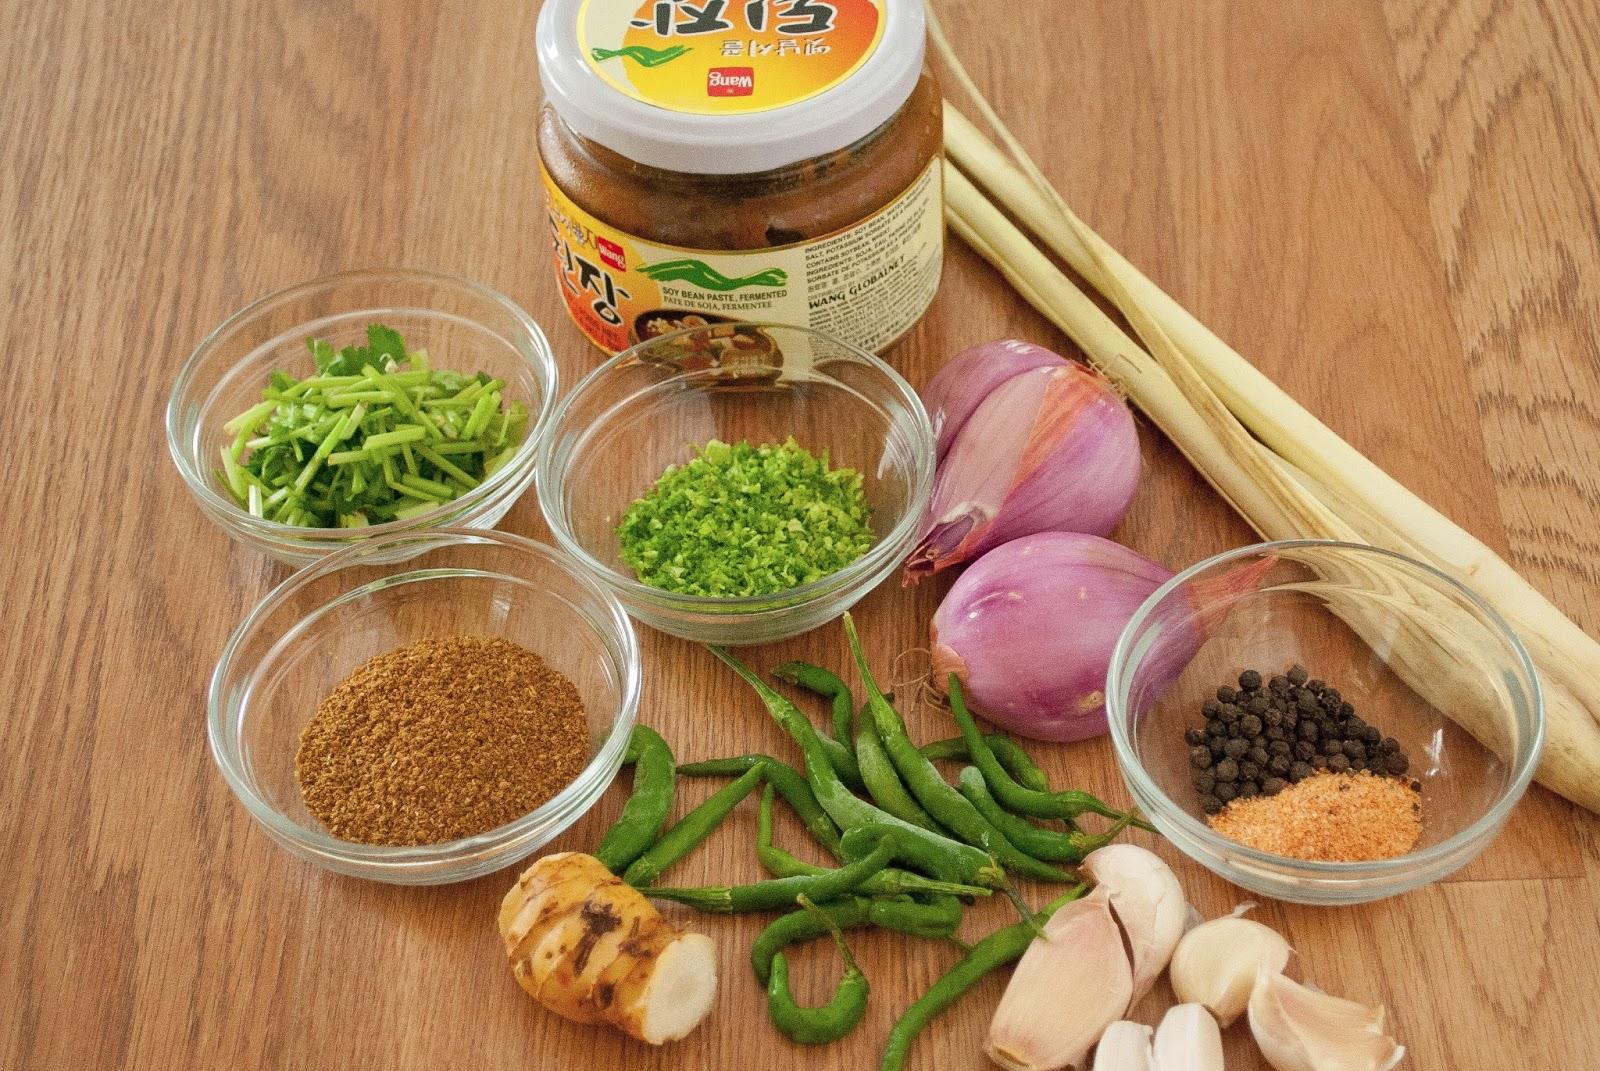 Thai Kitchen Green Curry Paste Ingredients